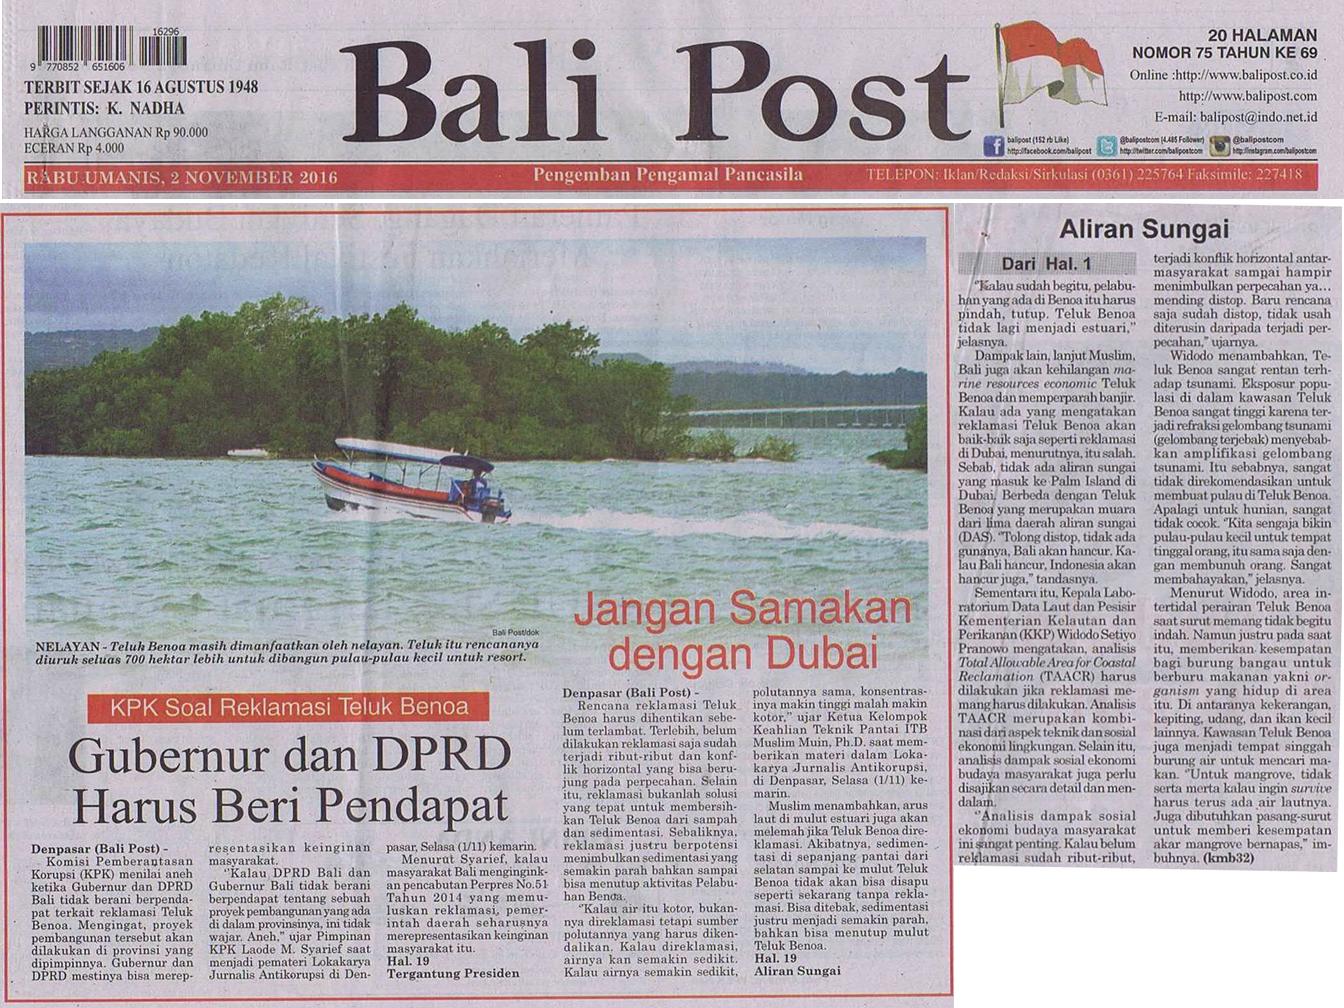 """Bali Post Cetak, Rabu Umanis, 2 November 2016. Judul di Edisi Cetak: """"Jangan Samakan Dengan Dubai""""."""